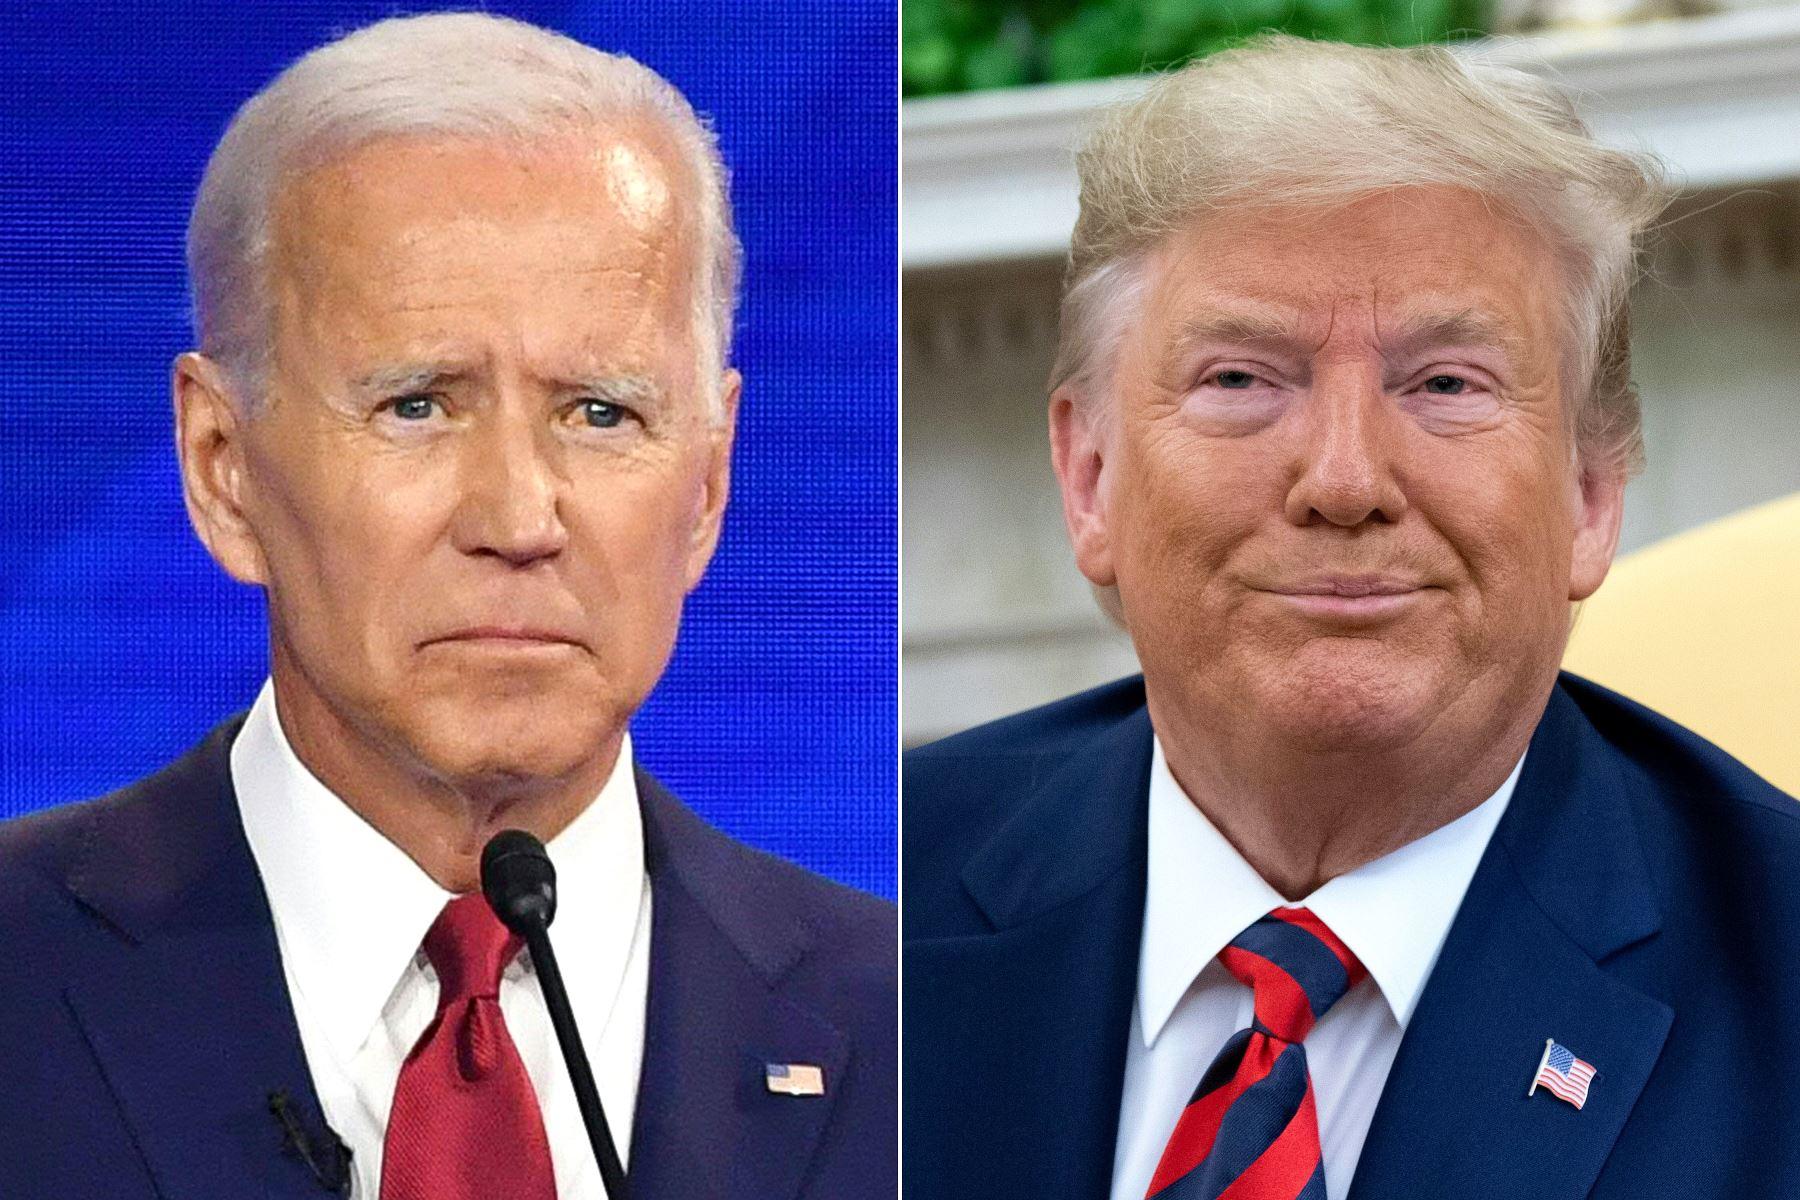 """Intentos de pirateo, fracasados, provenientes de China, afectaron directamente a personalidades como el candidato demócrata Joe Biden y una personalidad """"antes asociada"""" al gobierno de Donald Trump, según Microsoft. Foto: AFP"""